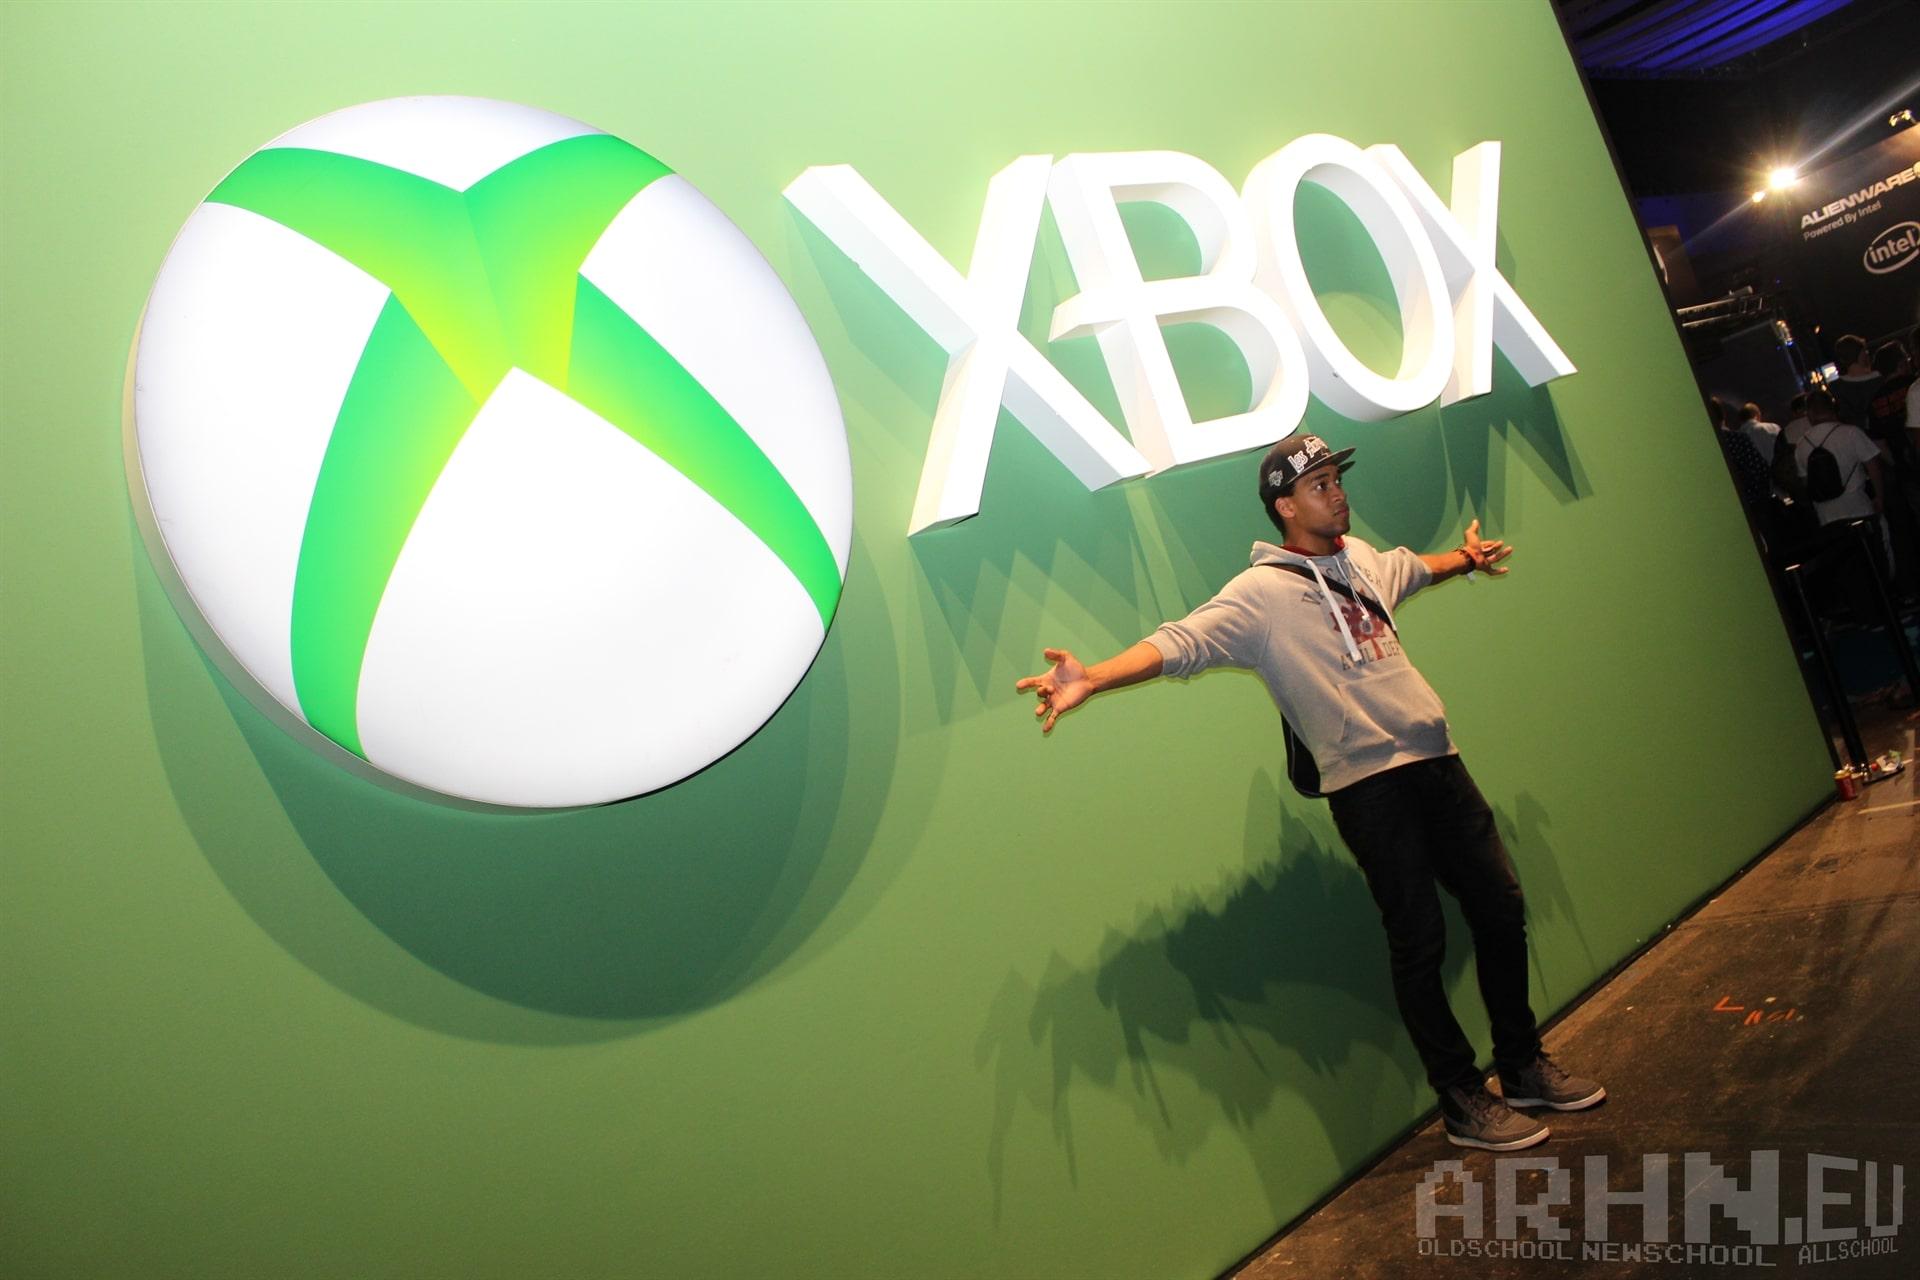 Xboksowa ściana na Eurogamer Expo